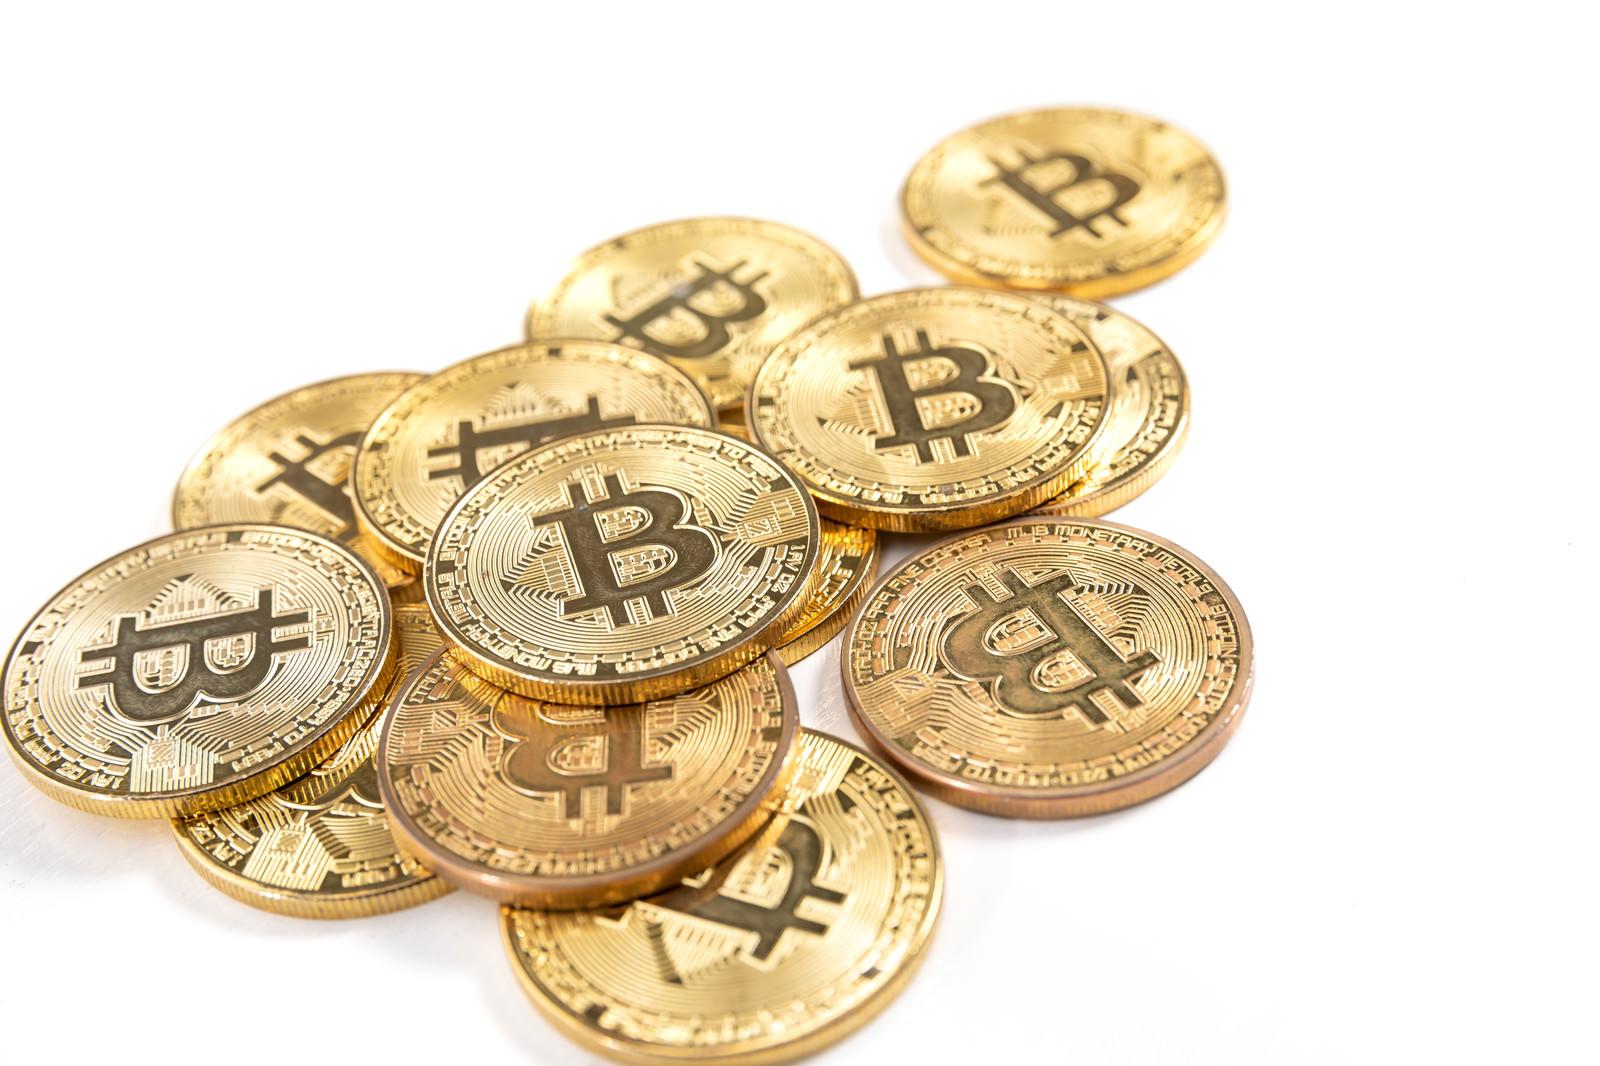 「ビットコイン(デジタルゴールド)」の写真